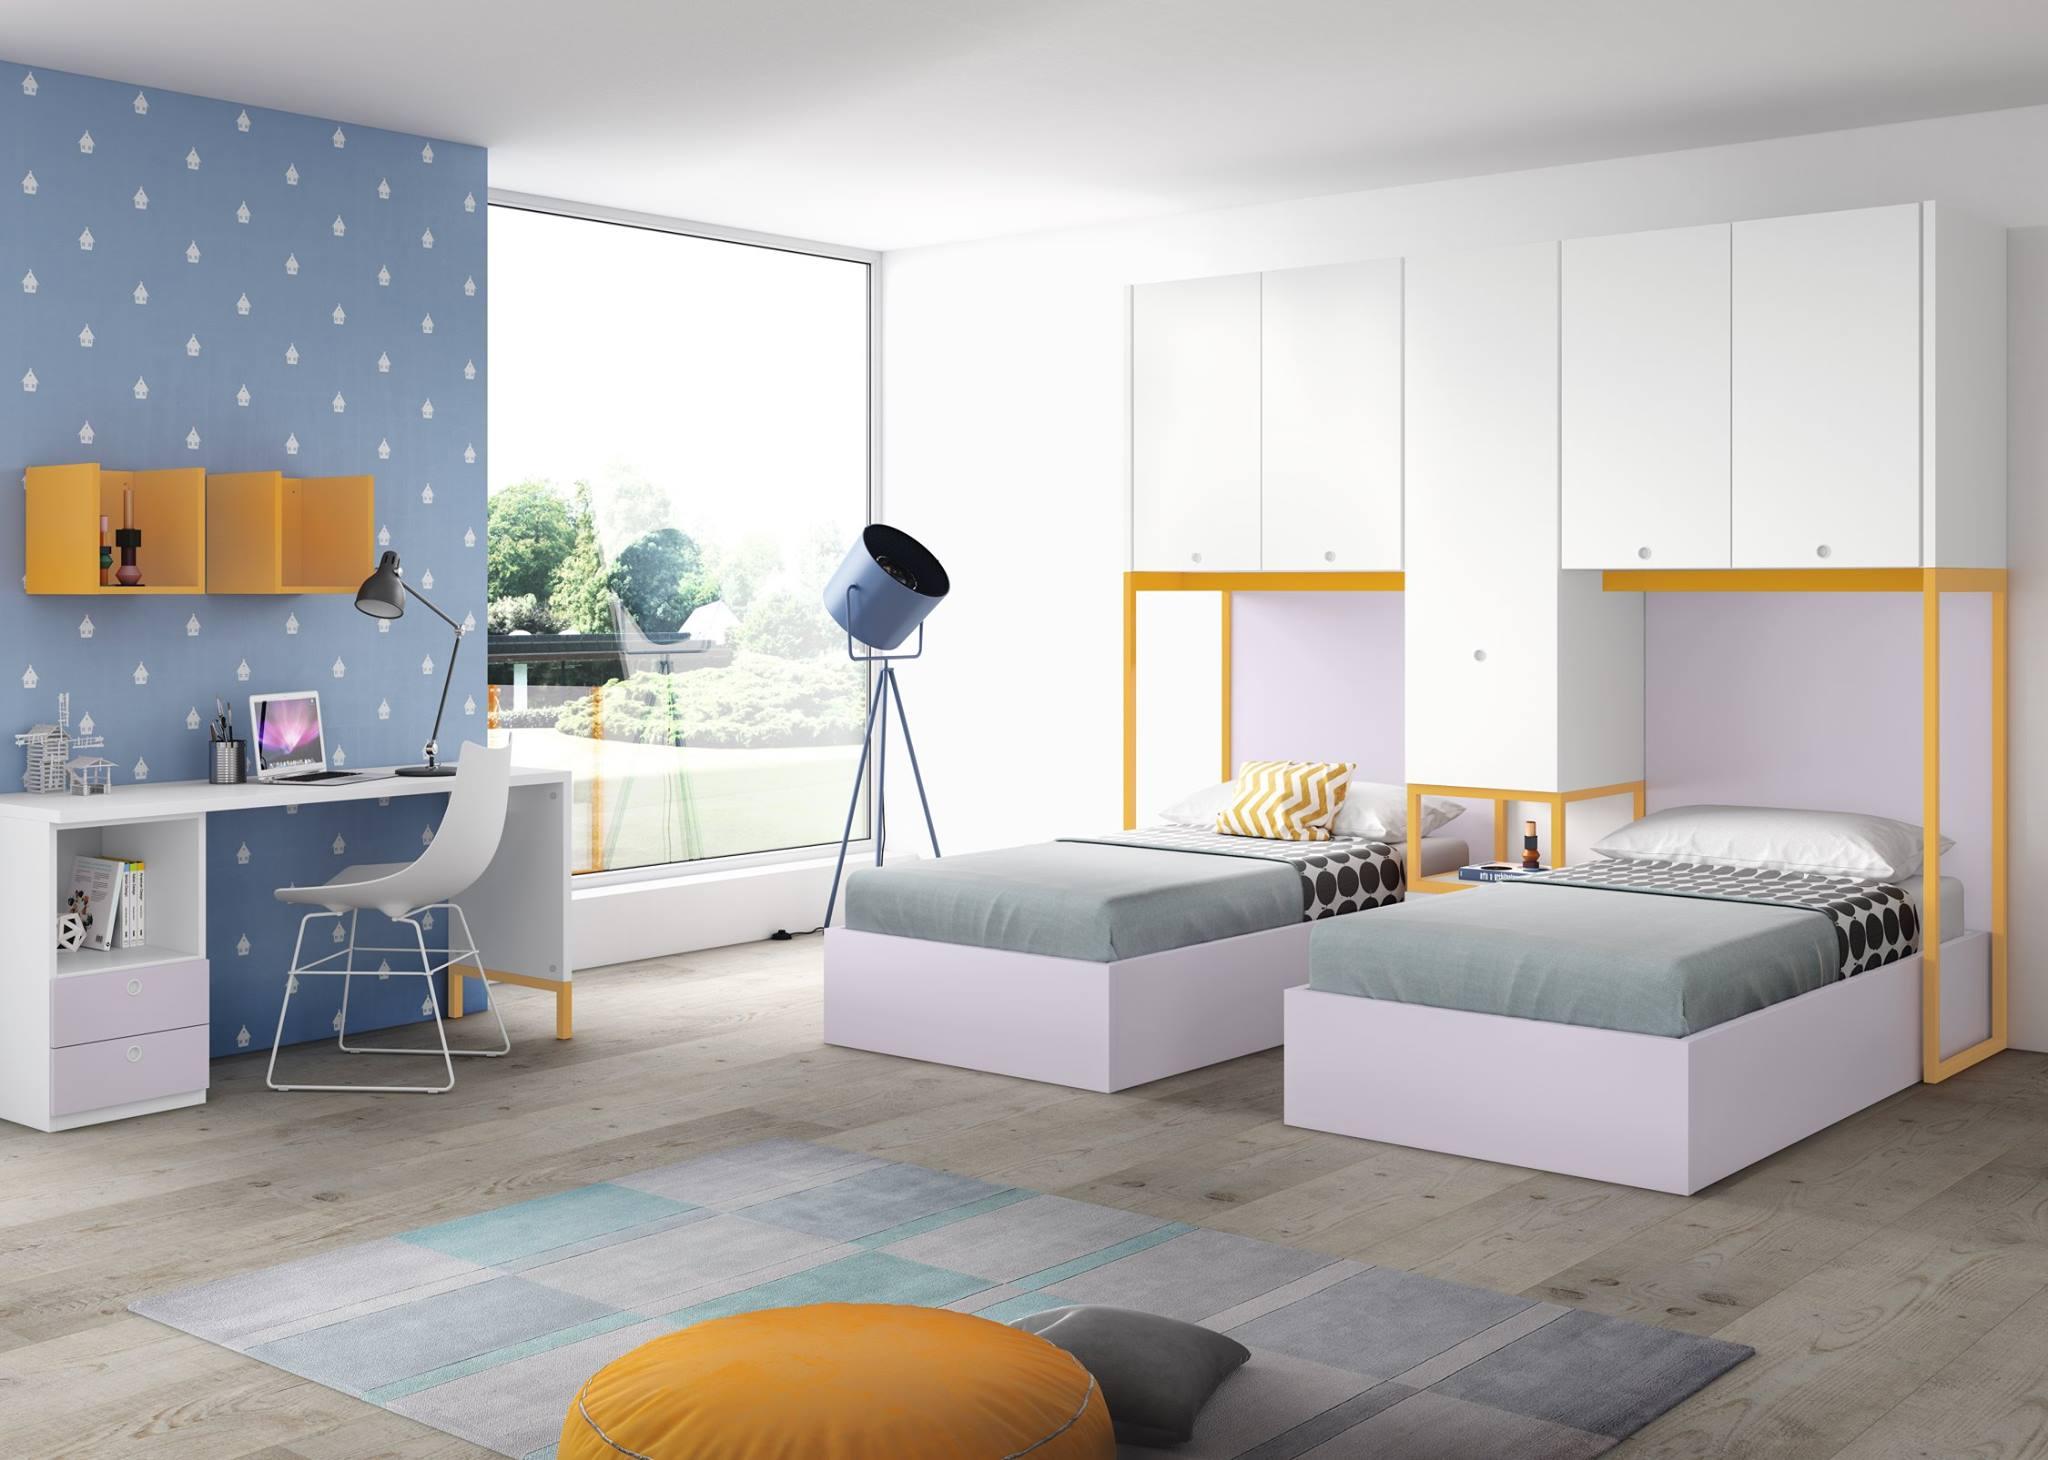 Muebles bidasoa en irun vende dormitorios de matrimonio for Dormitorio juvenil 2 camas